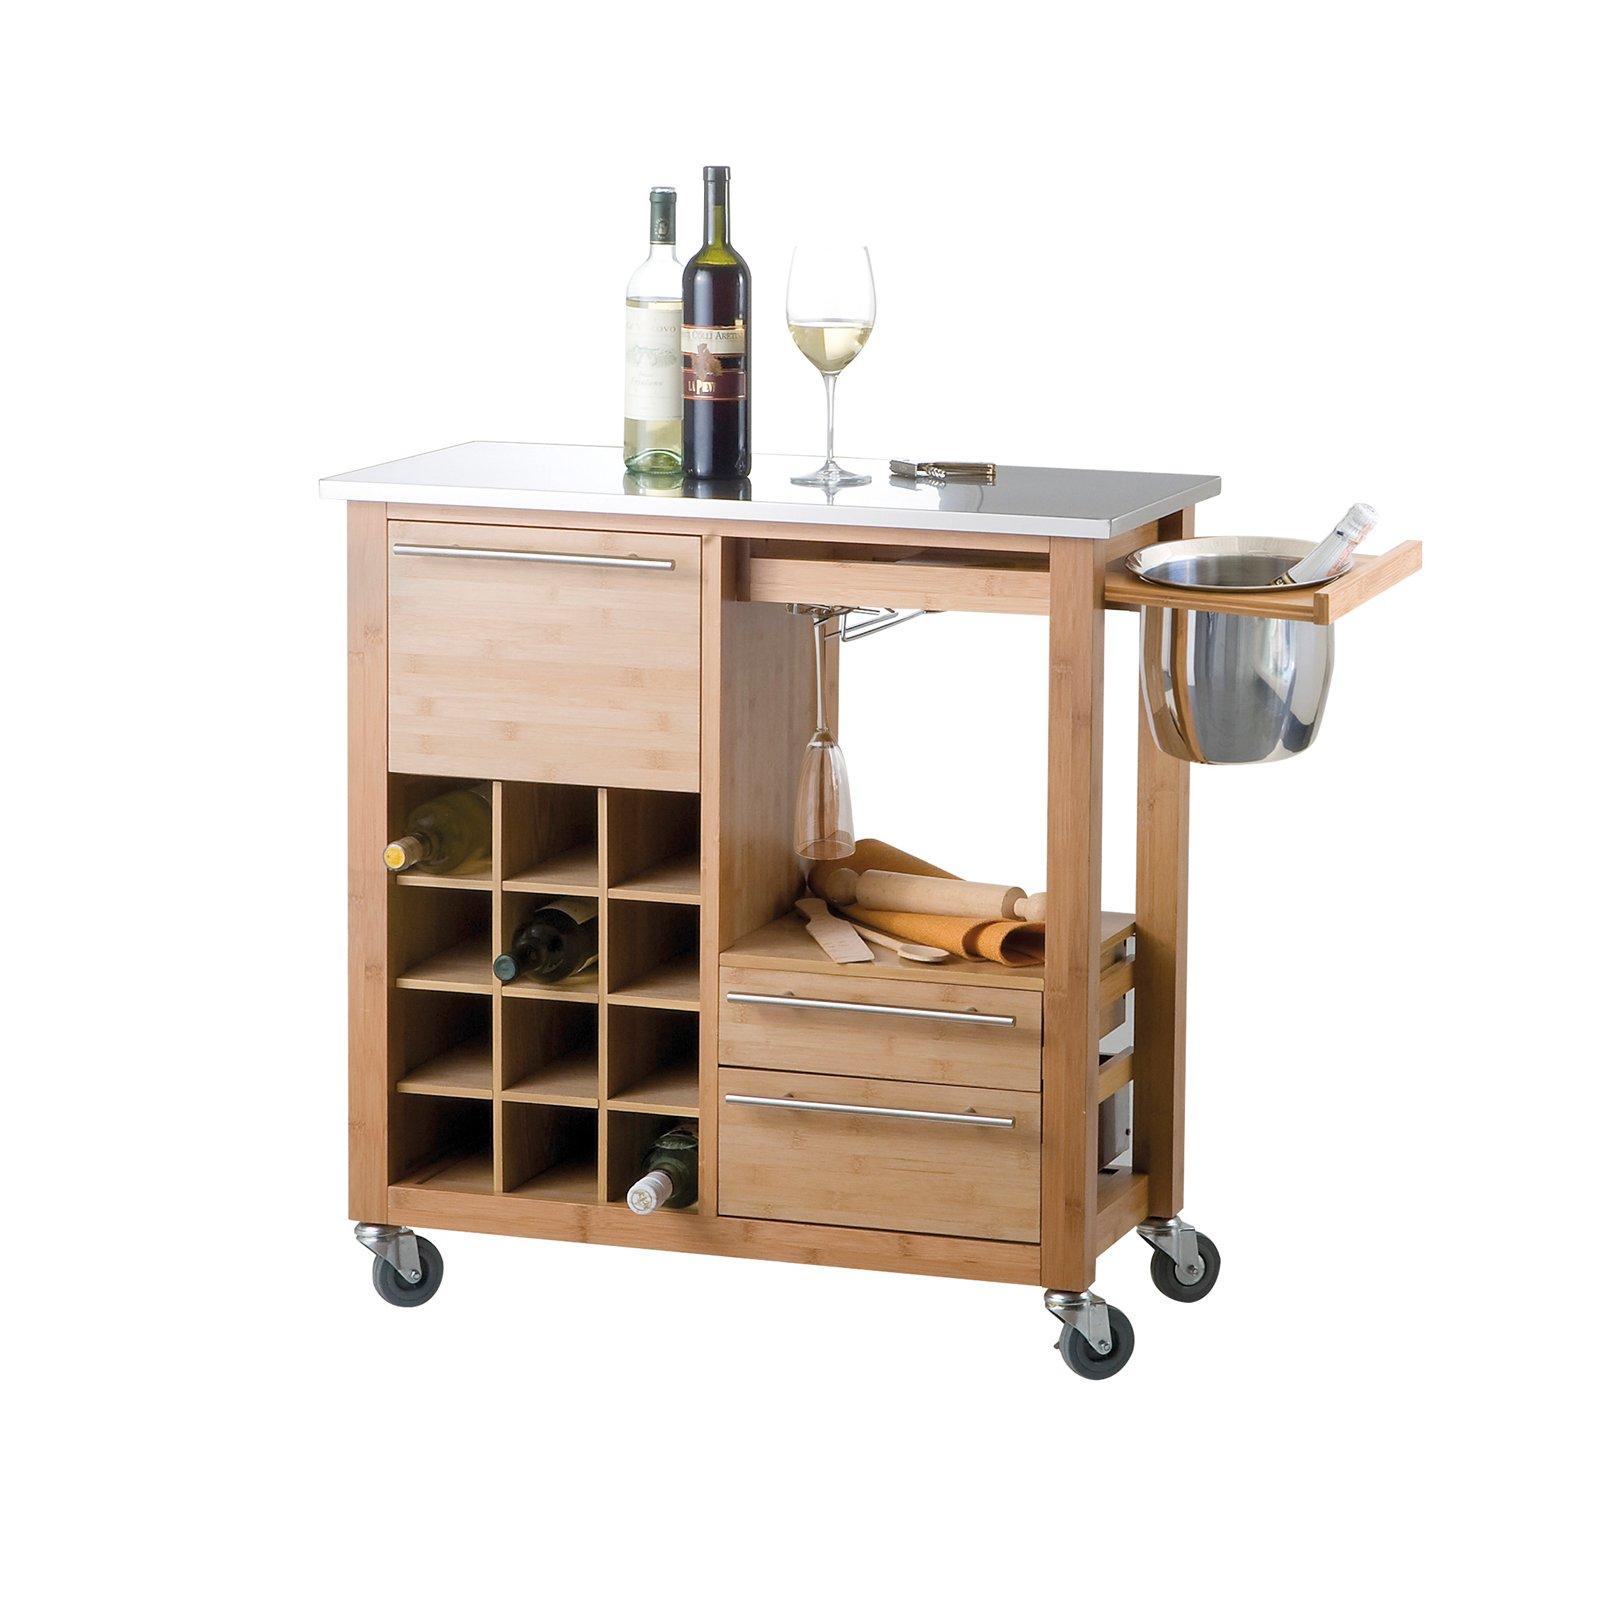 art 57192 di brandani un modello dotato di una comoda cantinetta per il vino